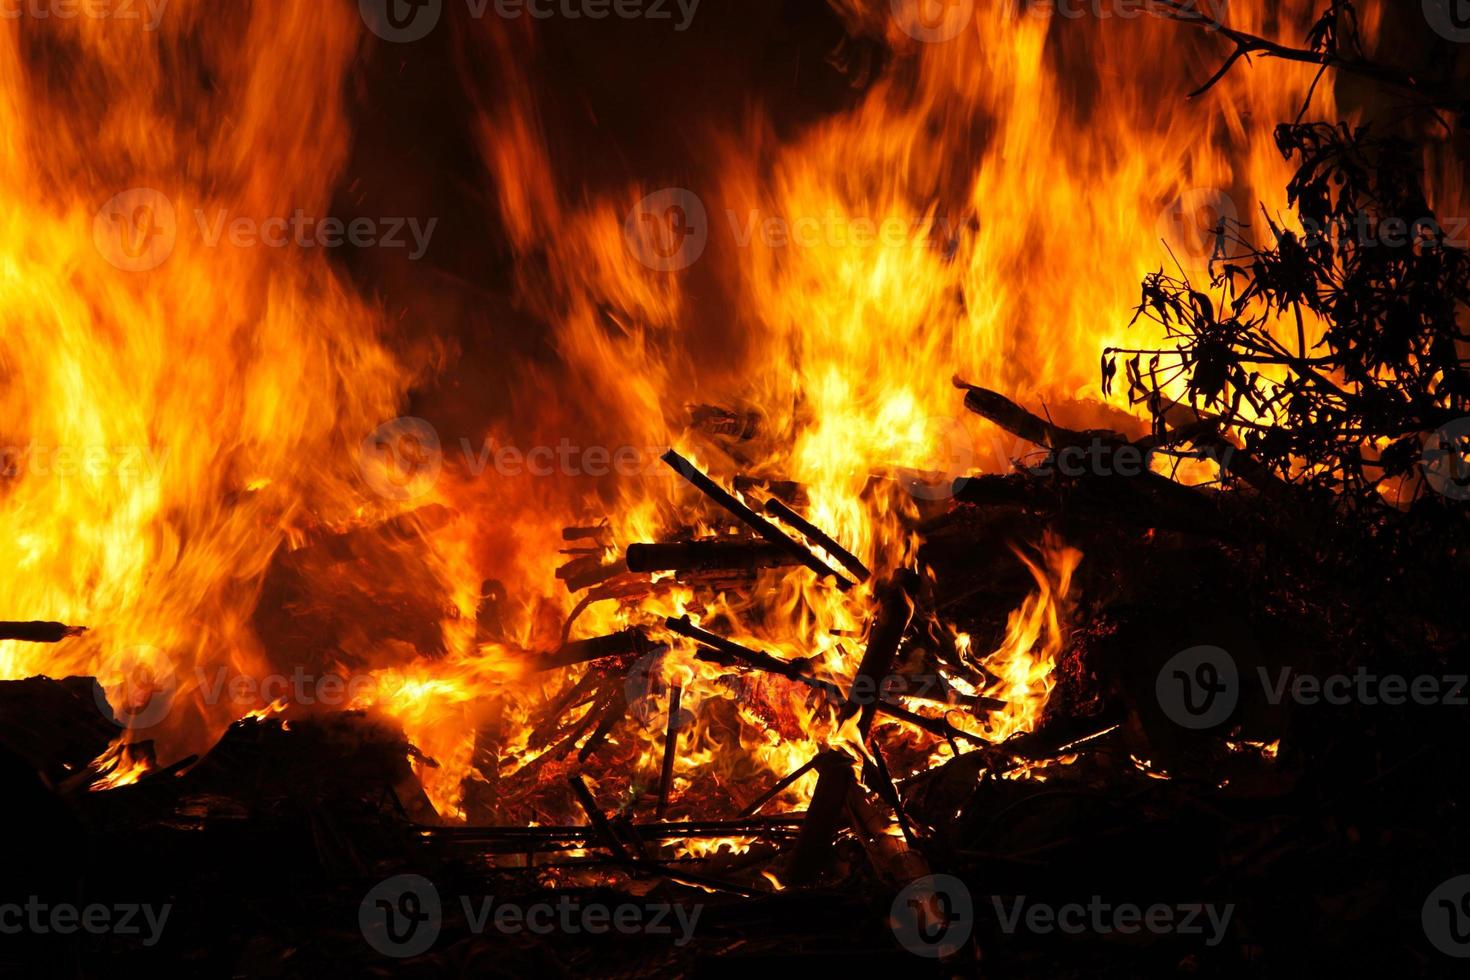 fuego ardiendo foto